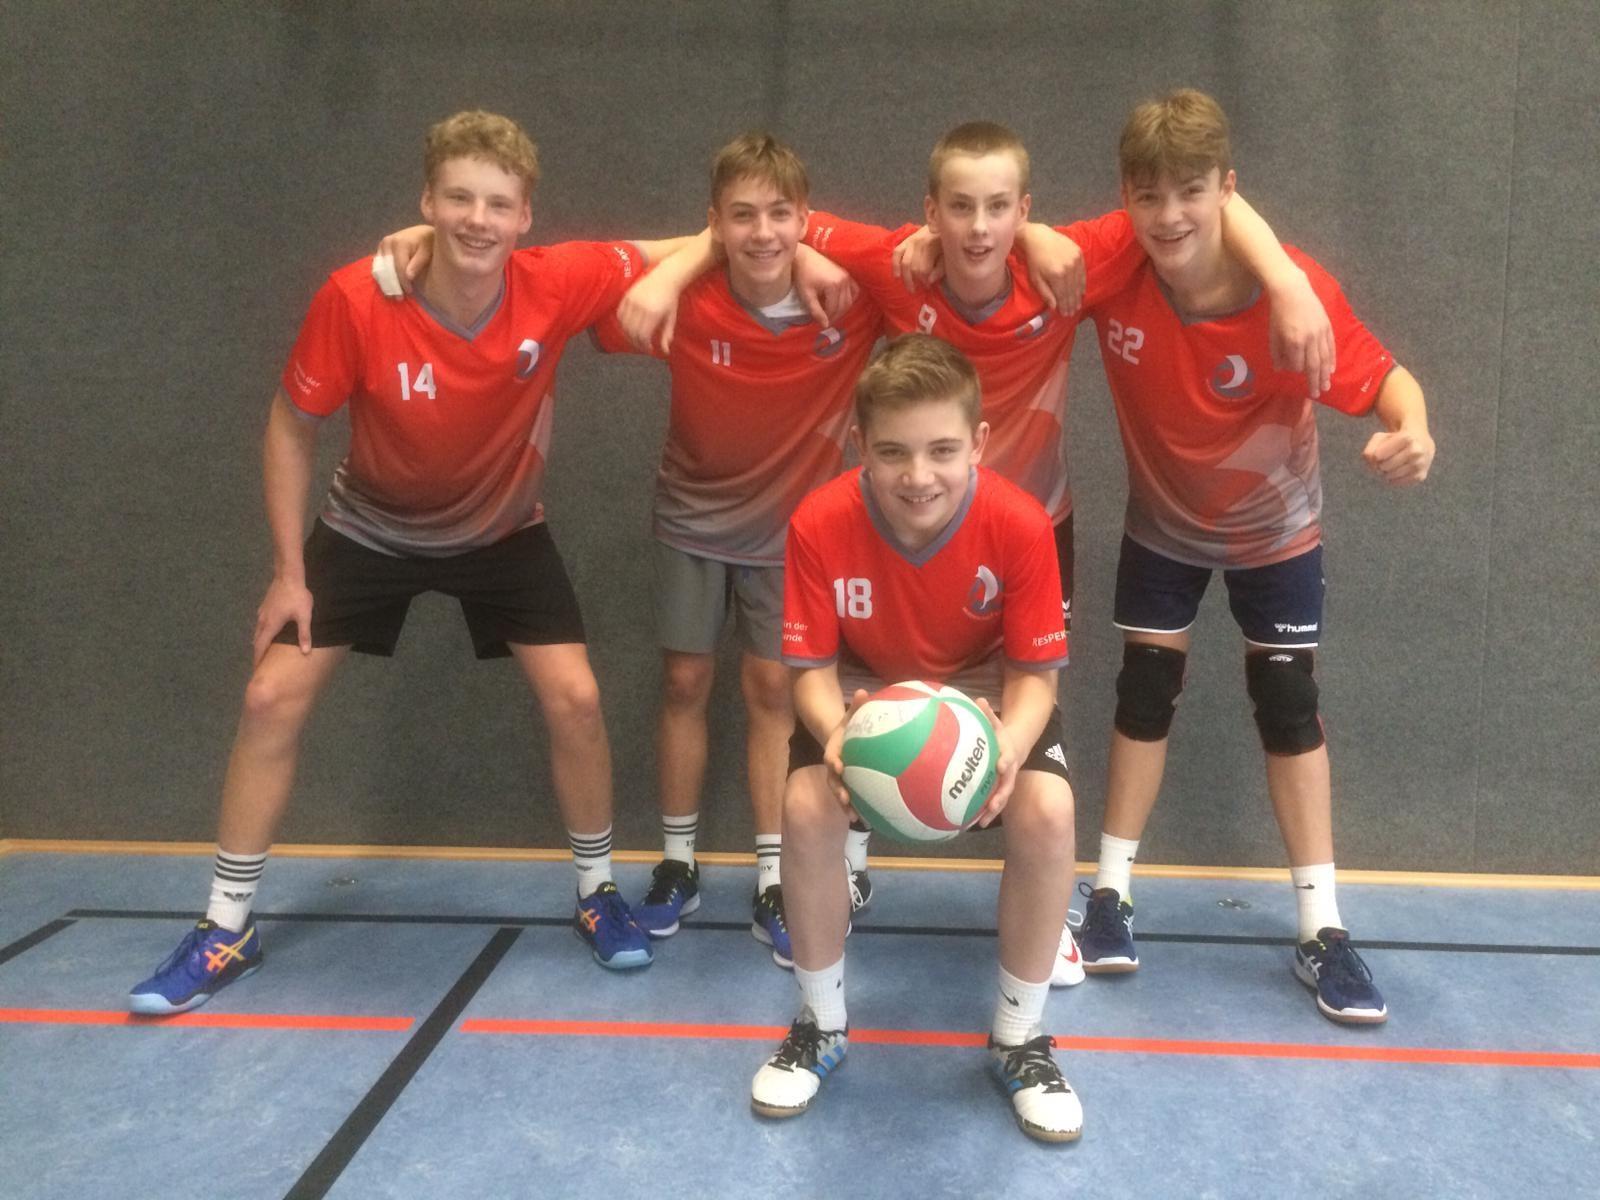 Das Volleyballteam WK III wird prompt Stadtmeister in den neuen Shirts!